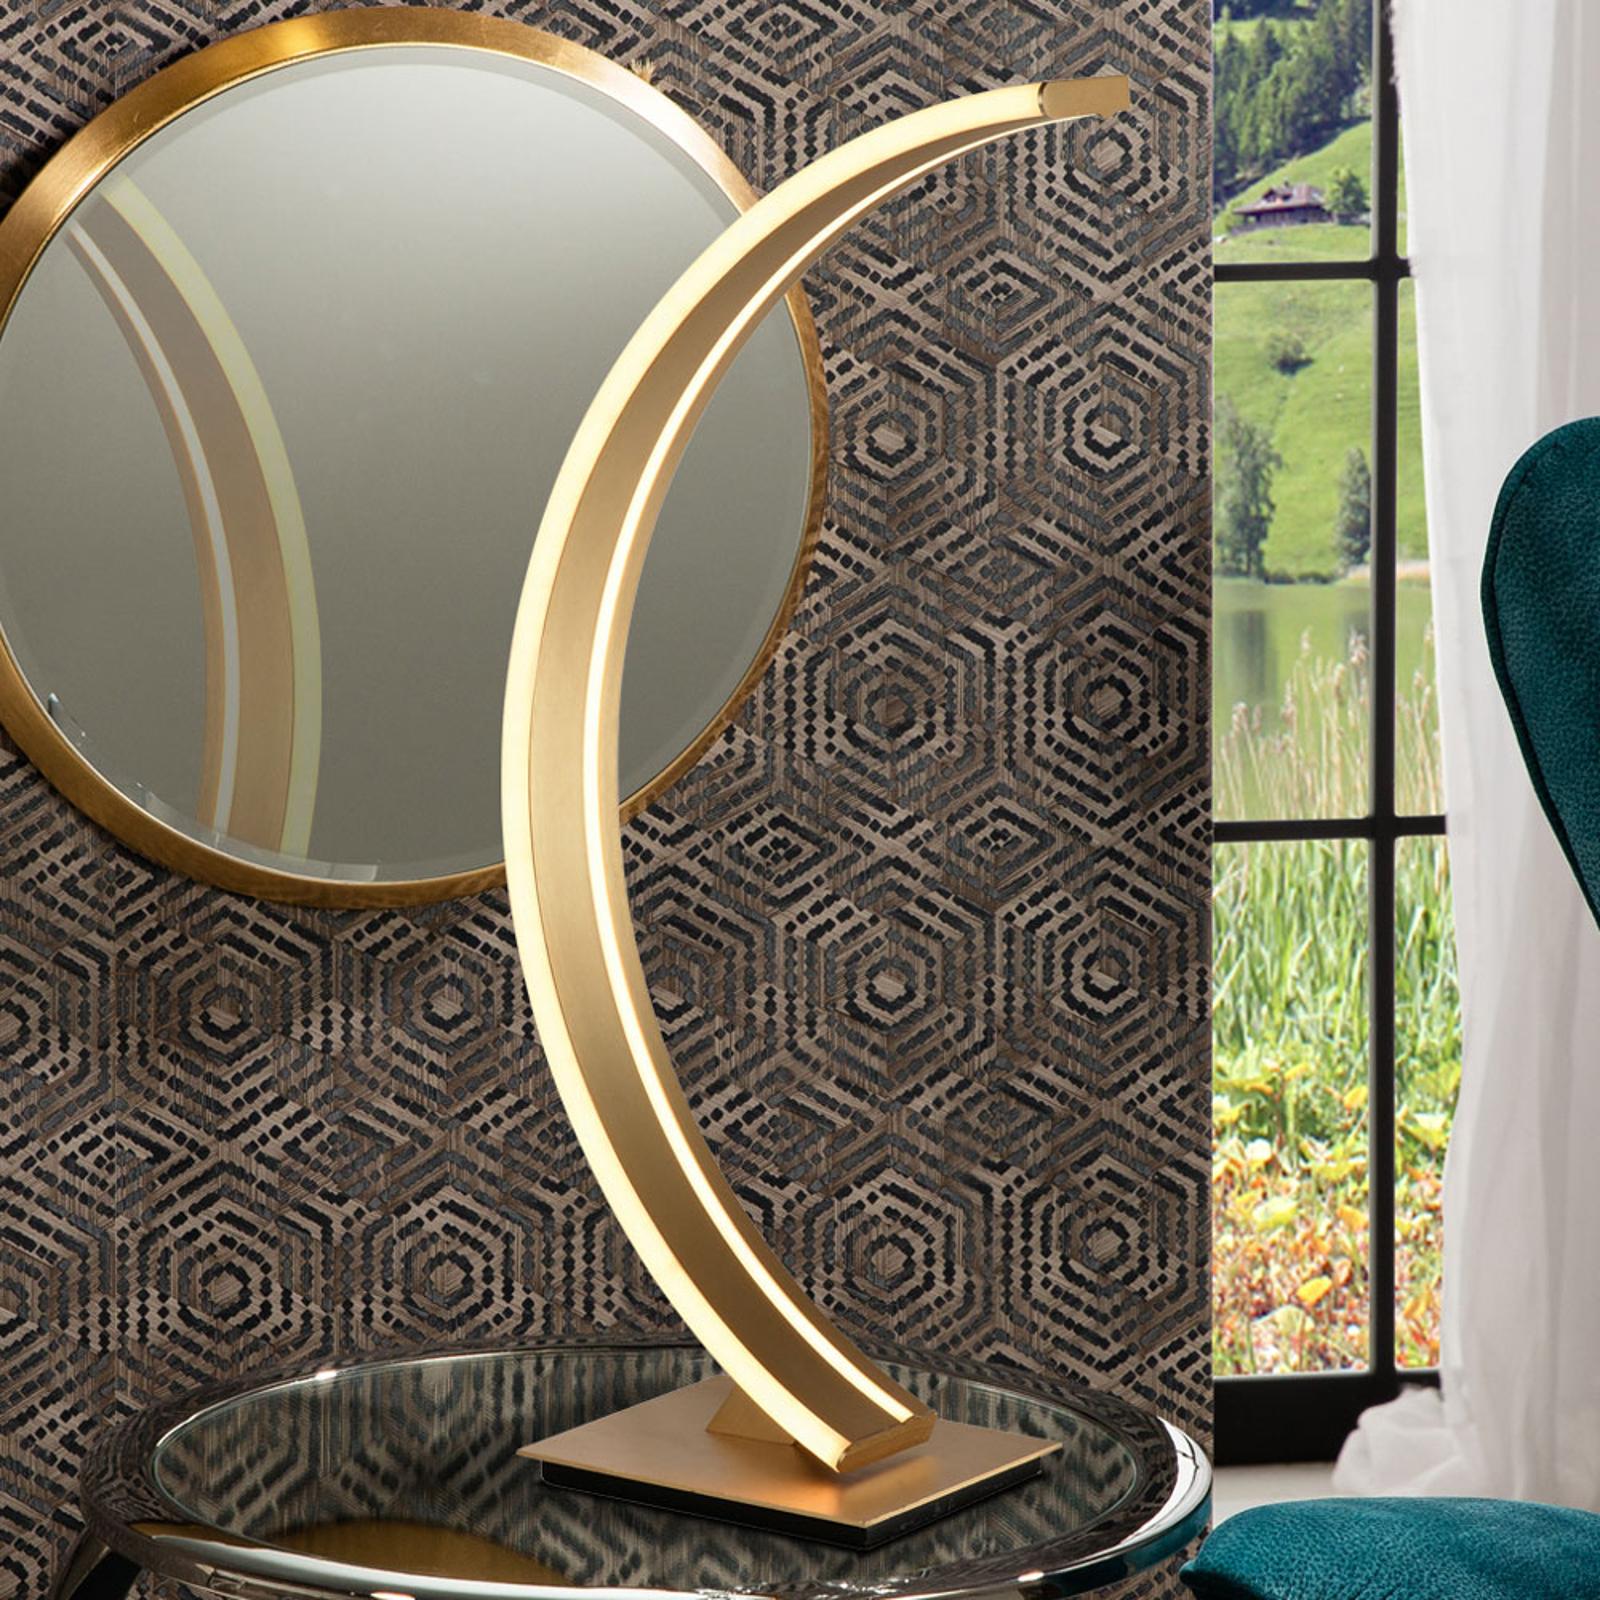 LED-Bogen-Tischlampe Arcus mit goldenem Finish